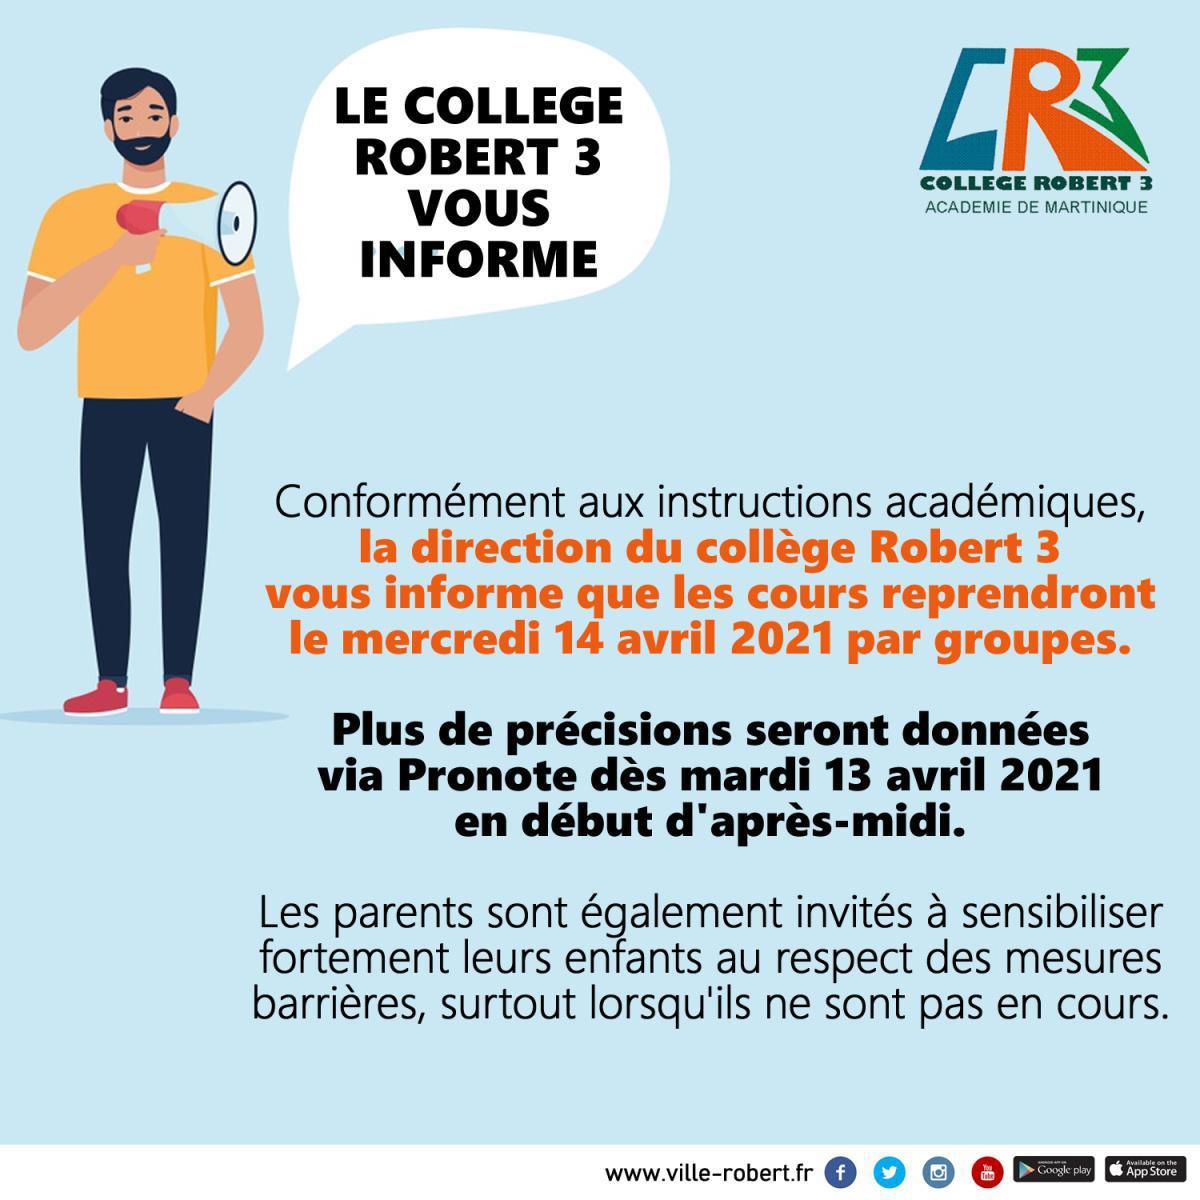 LE COLLÈGE ROBERT 3 INFORME LES PARENTS